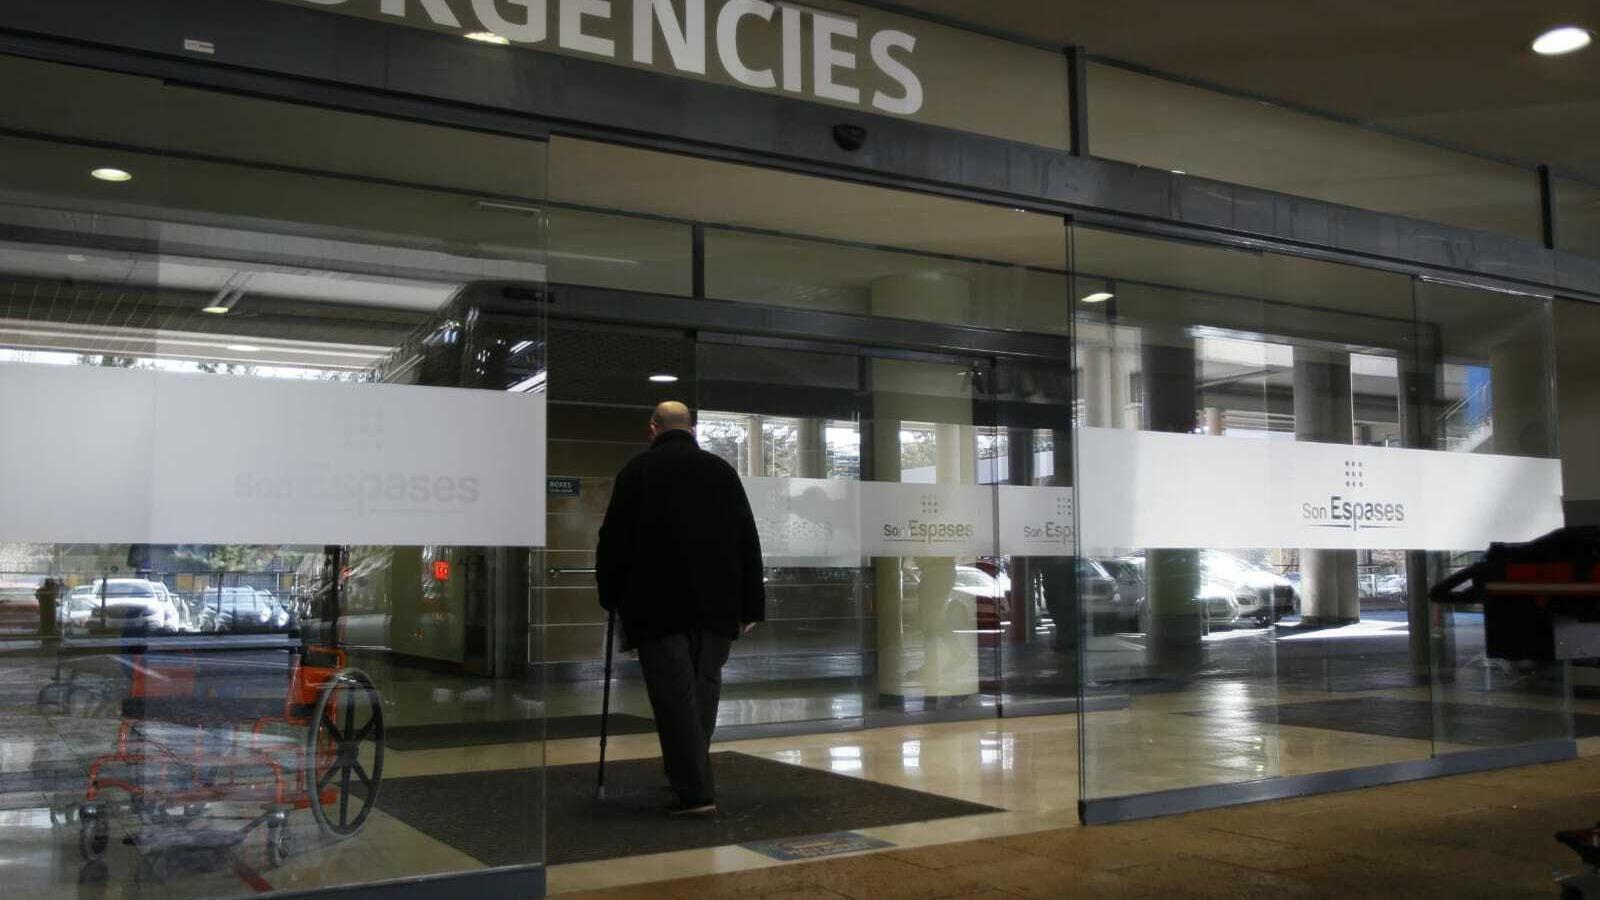 18 casos més de coronavirus fan pujar a 73 el total de les Balears